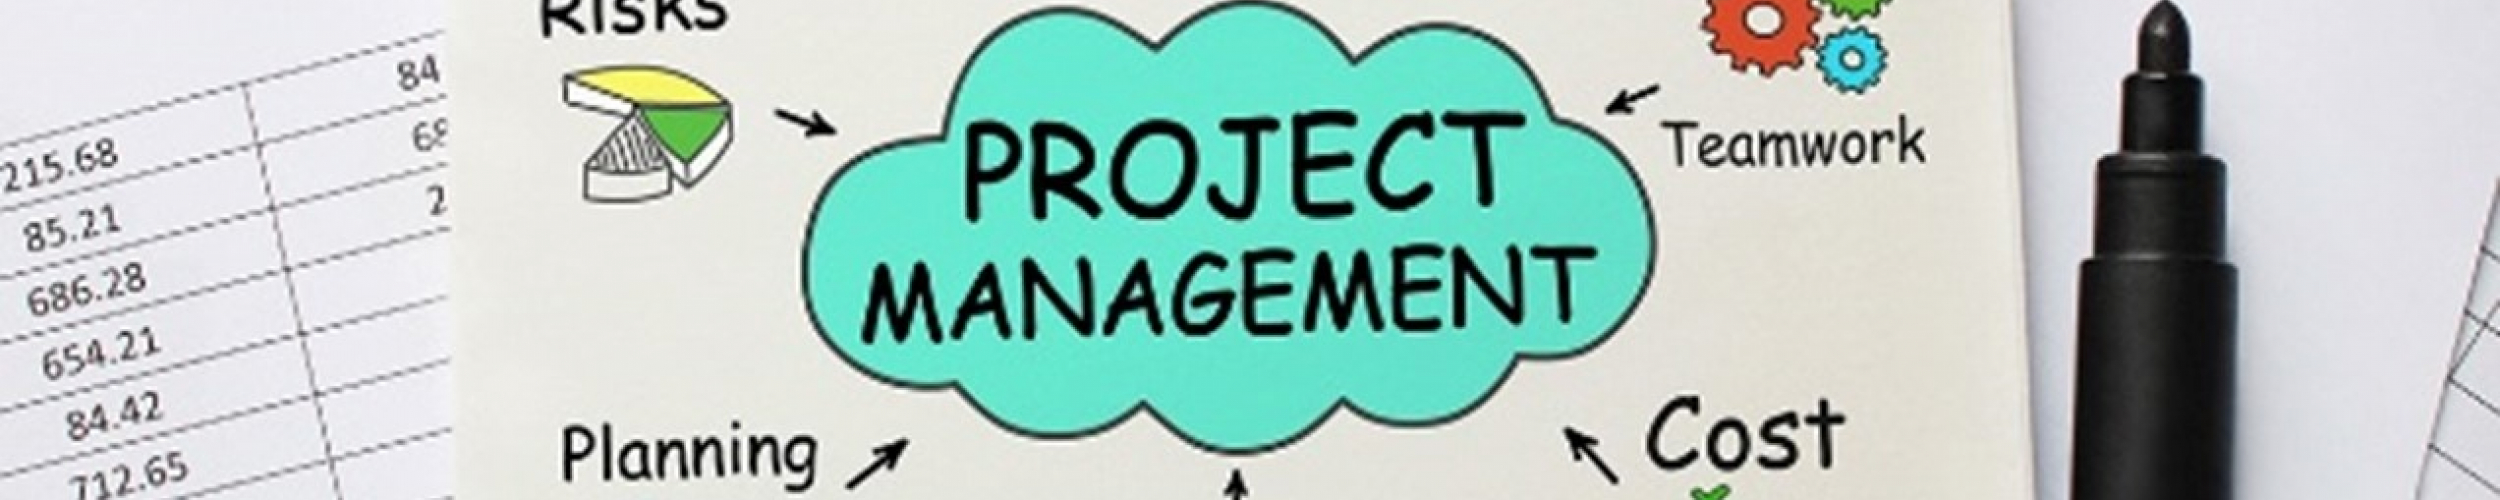 """Infosessie: """"Project management basisprincipes – De juiste aanpak voor een succesvol resultaat!"""""""